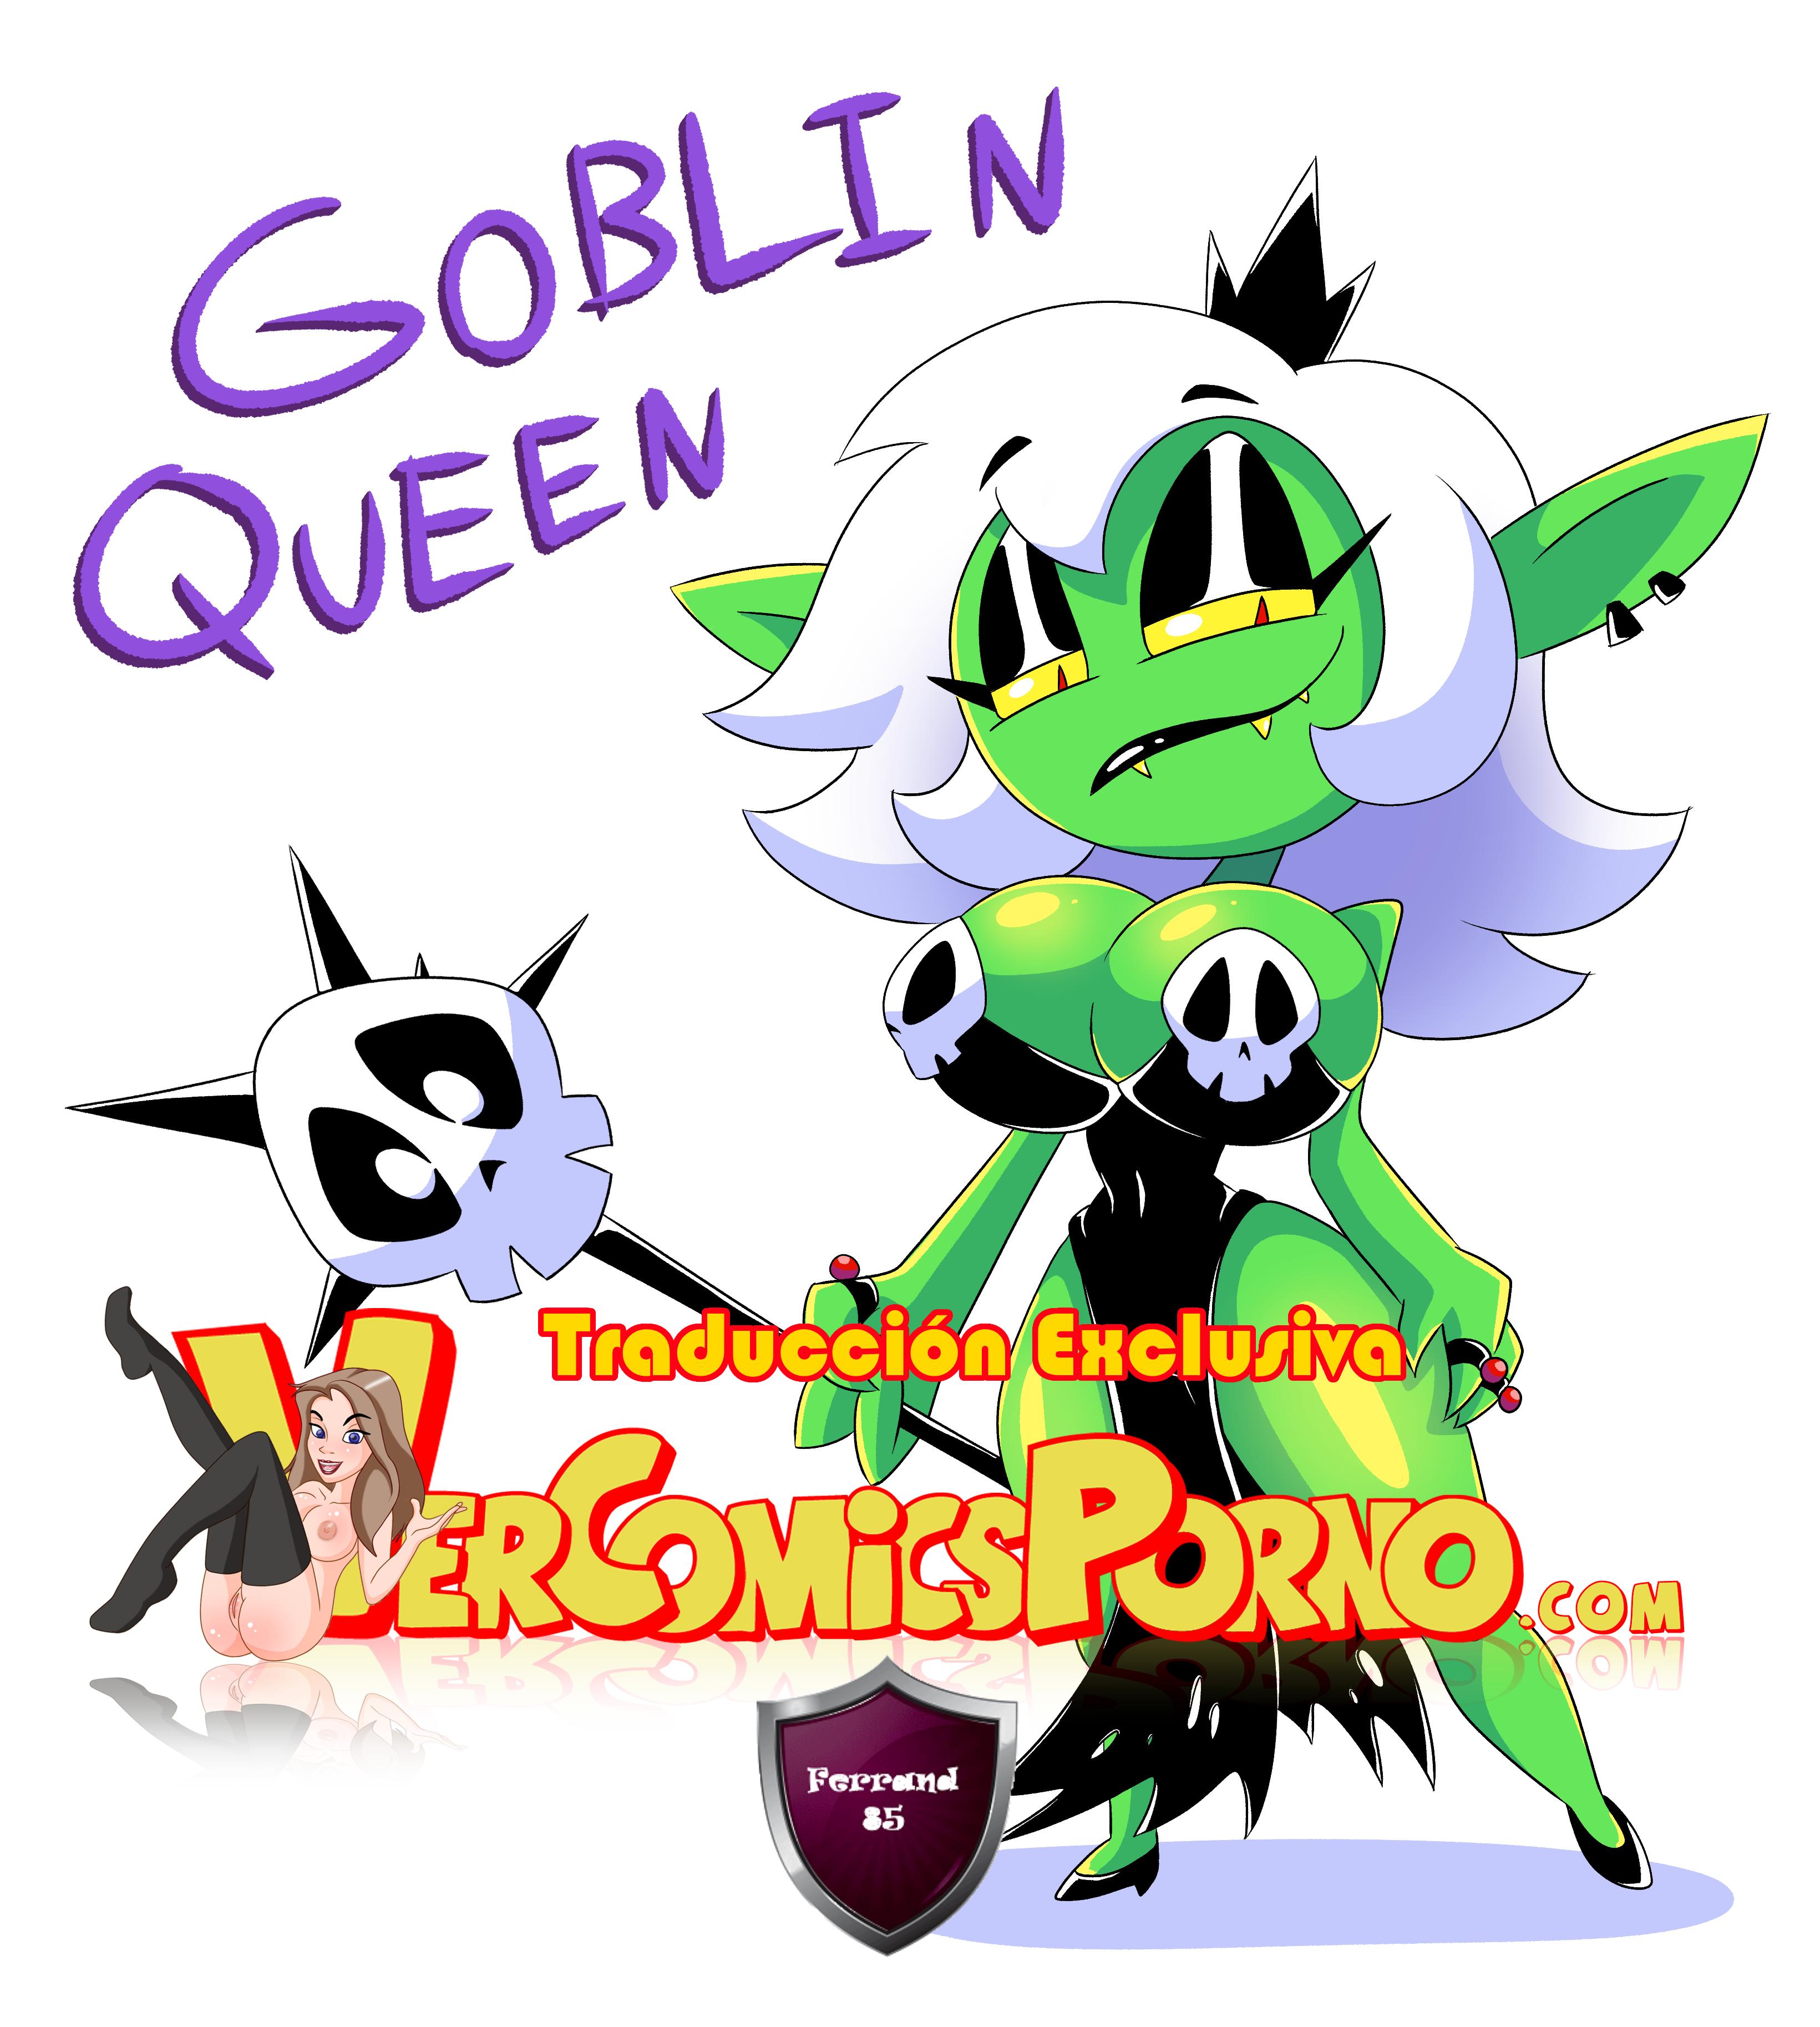 Goblin Queen Monstruos Follando